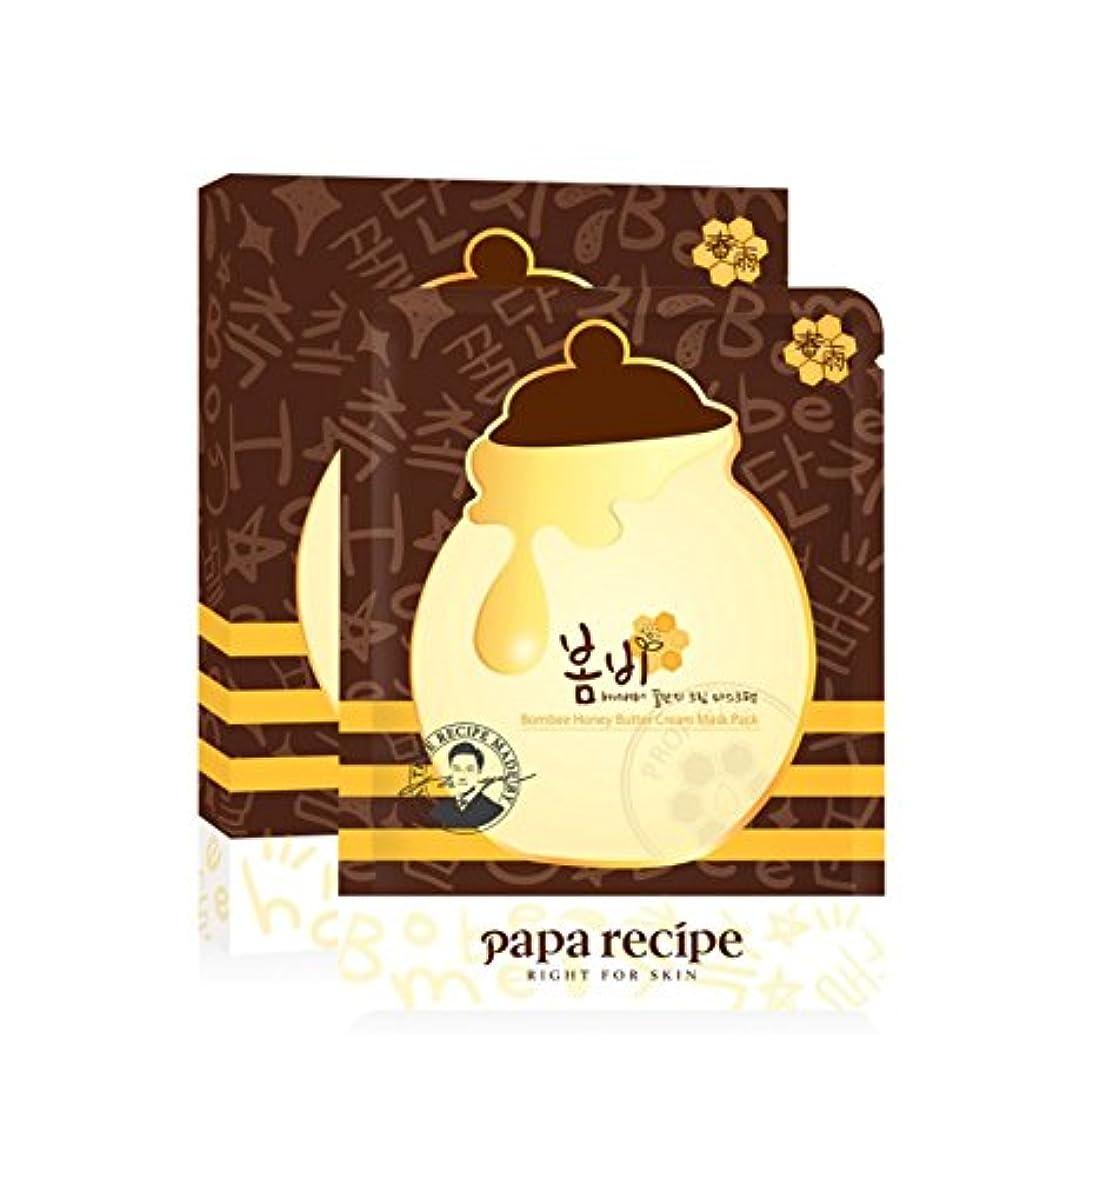 適度なずるい不平を言うサンスマイル パパレシピ Paparecipe ボムビーハニーバター乳液マスク 20ml×5枚(箱入り)